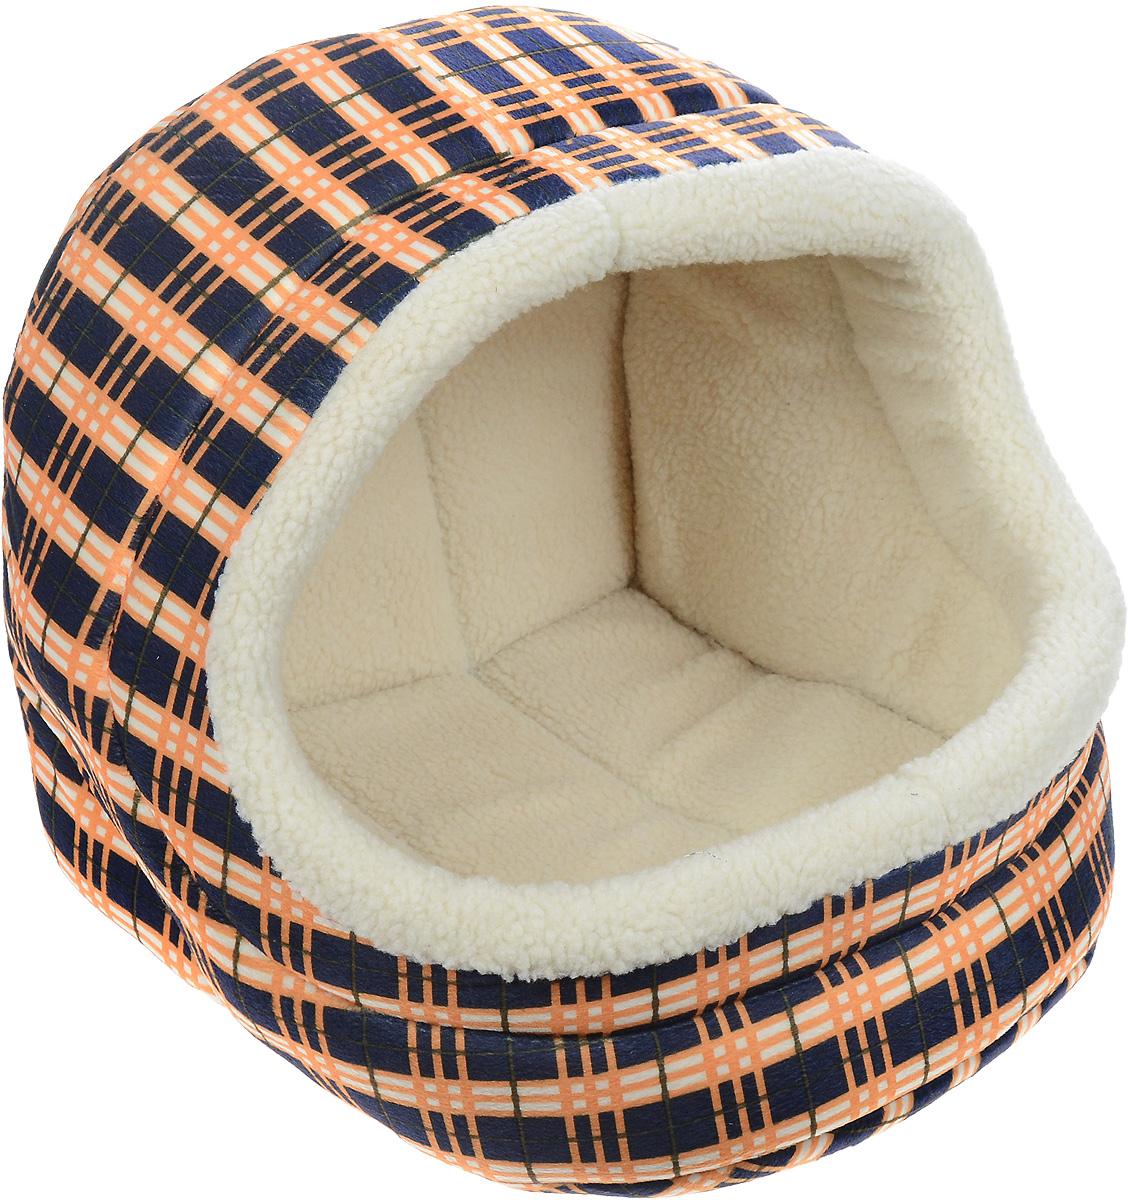 Домик для животных Каскад Клетка. №3, 45 х 40 х 40 см12171996Домик для животных Каскад Клетка. №3, выполненный из высококачественного текстиля, обязательно понравится вашему питомцу. Домик предназначен для собак и кошек. Он очень удобный и уютный. Ваш любимец обязательно захочет забраться в этот домик, как только его увидит. Компактные размеры позволят поместить домик где угодно, а приятная цветовая гамма сделает его оригинальным дополнением любого интерьера.